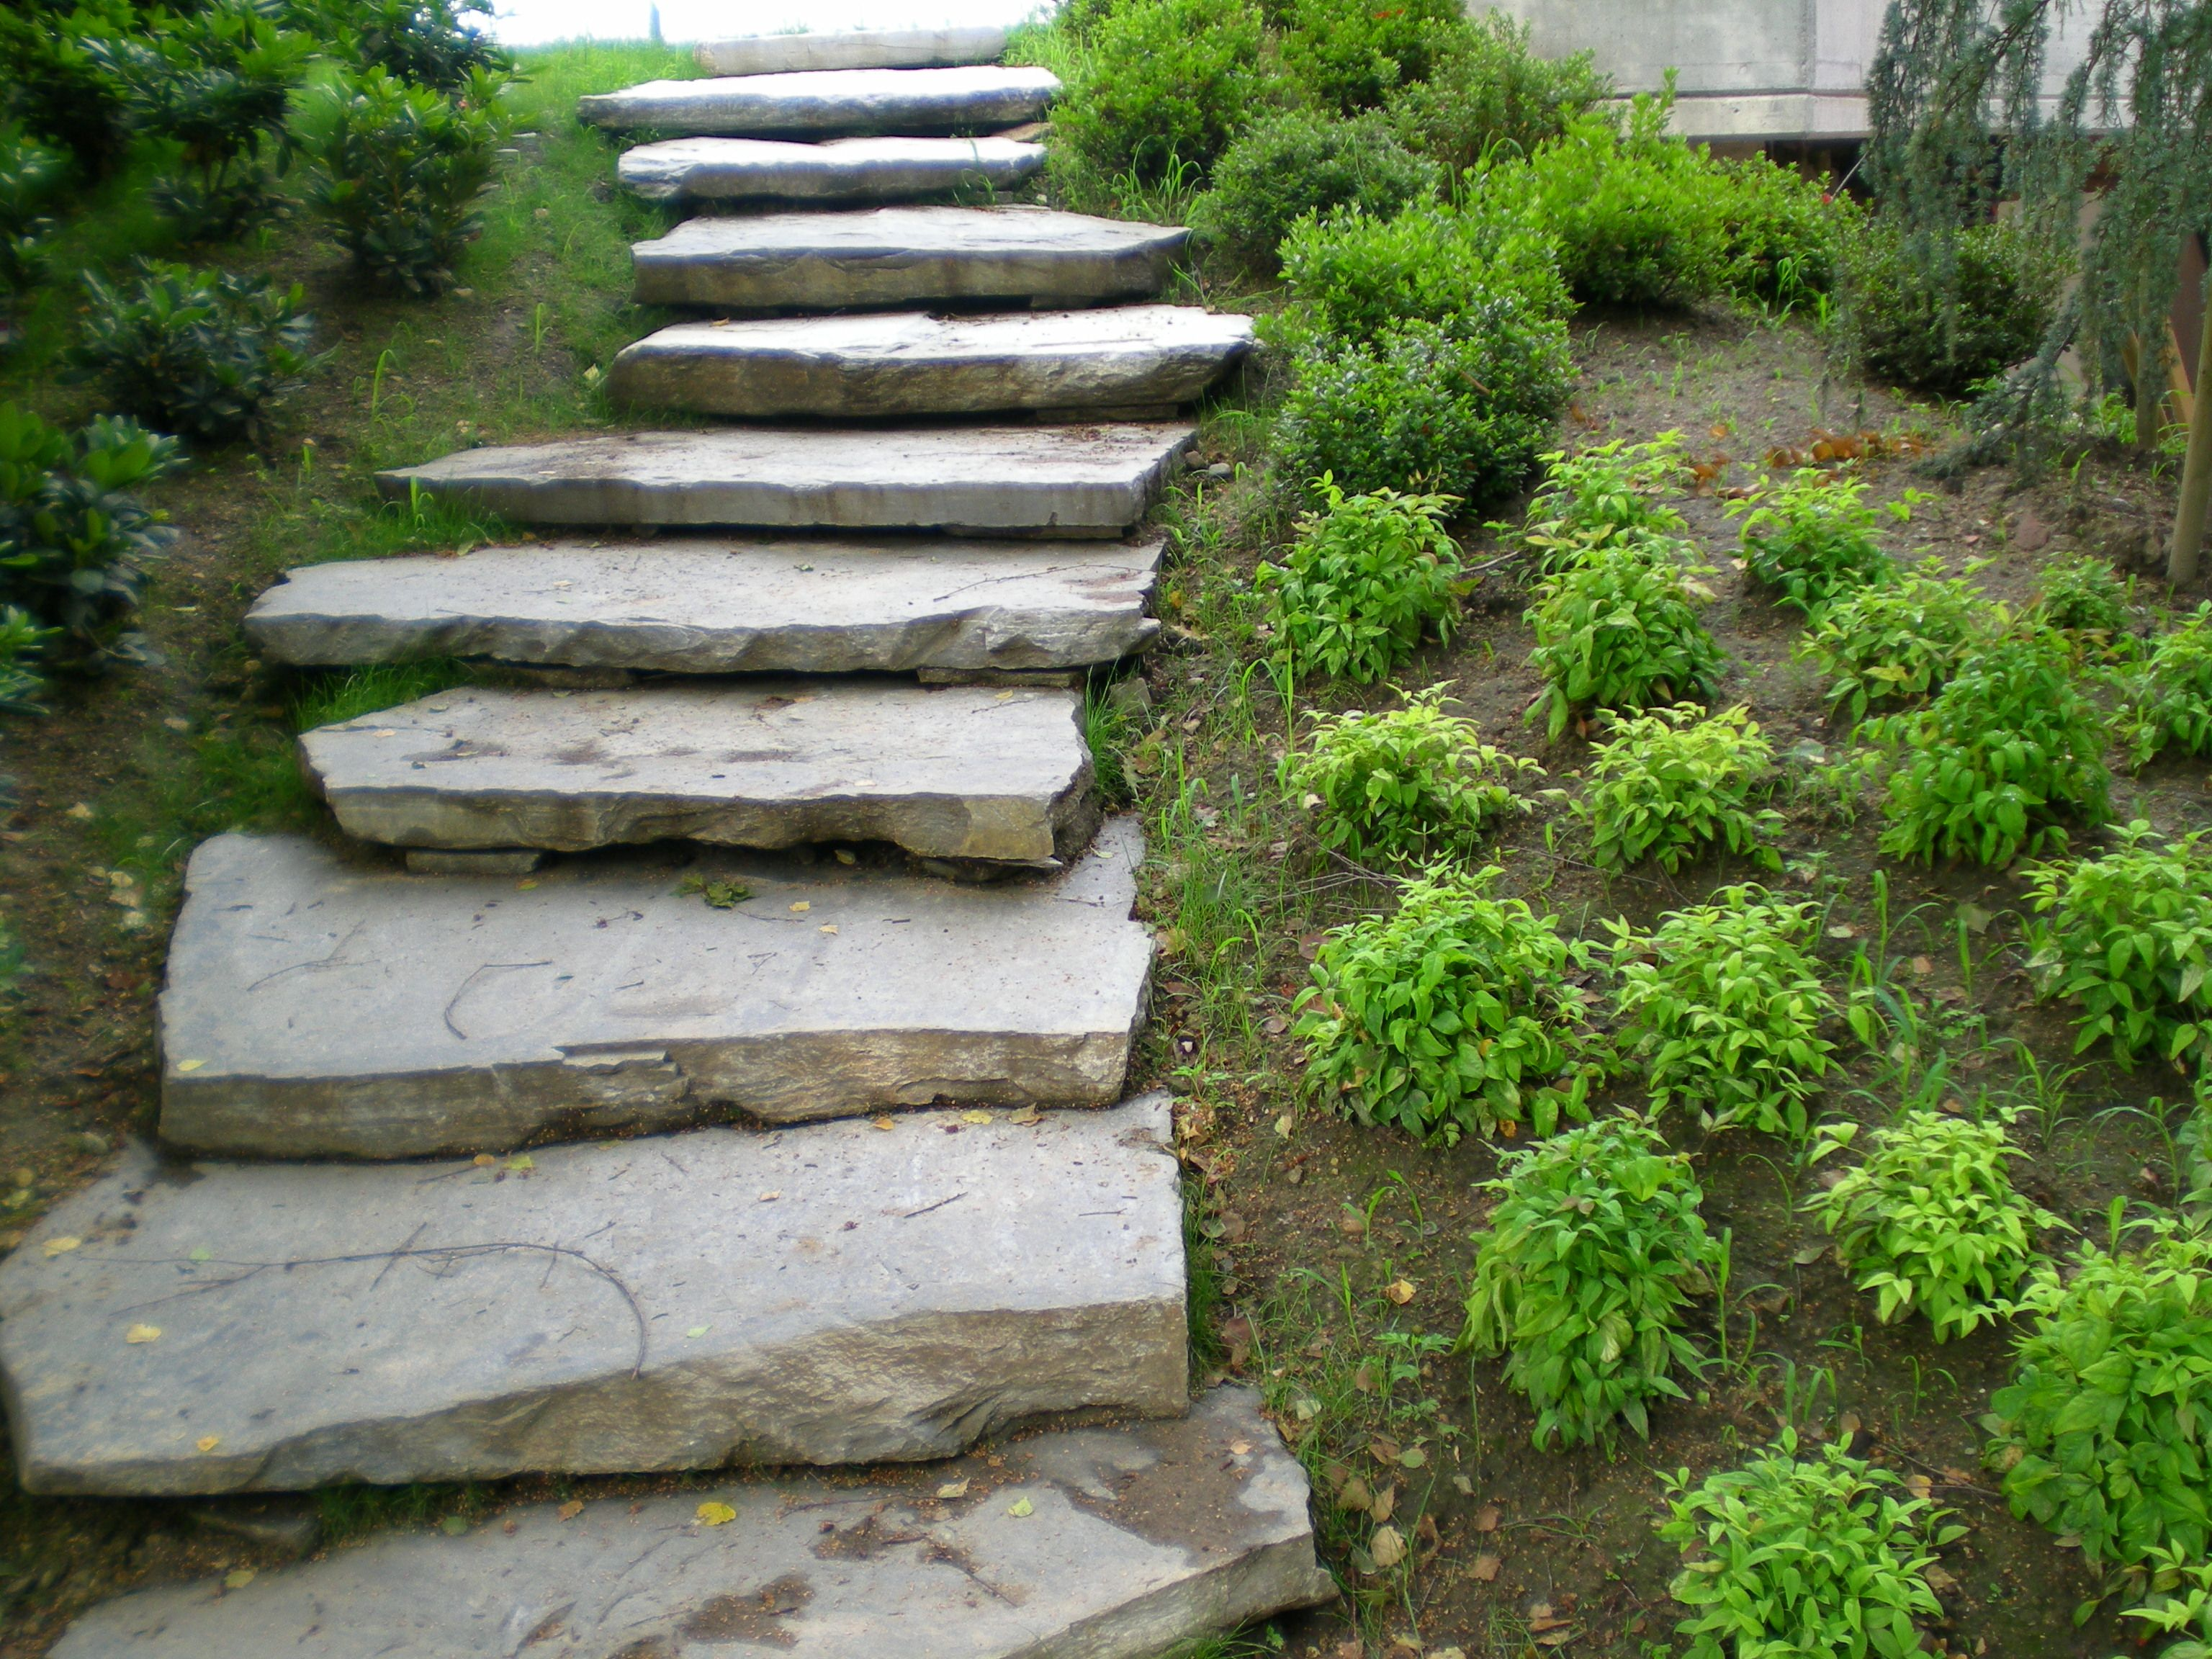 Scale giardino cerca con google giardini garden home decor e decor - Scale da giardino ...